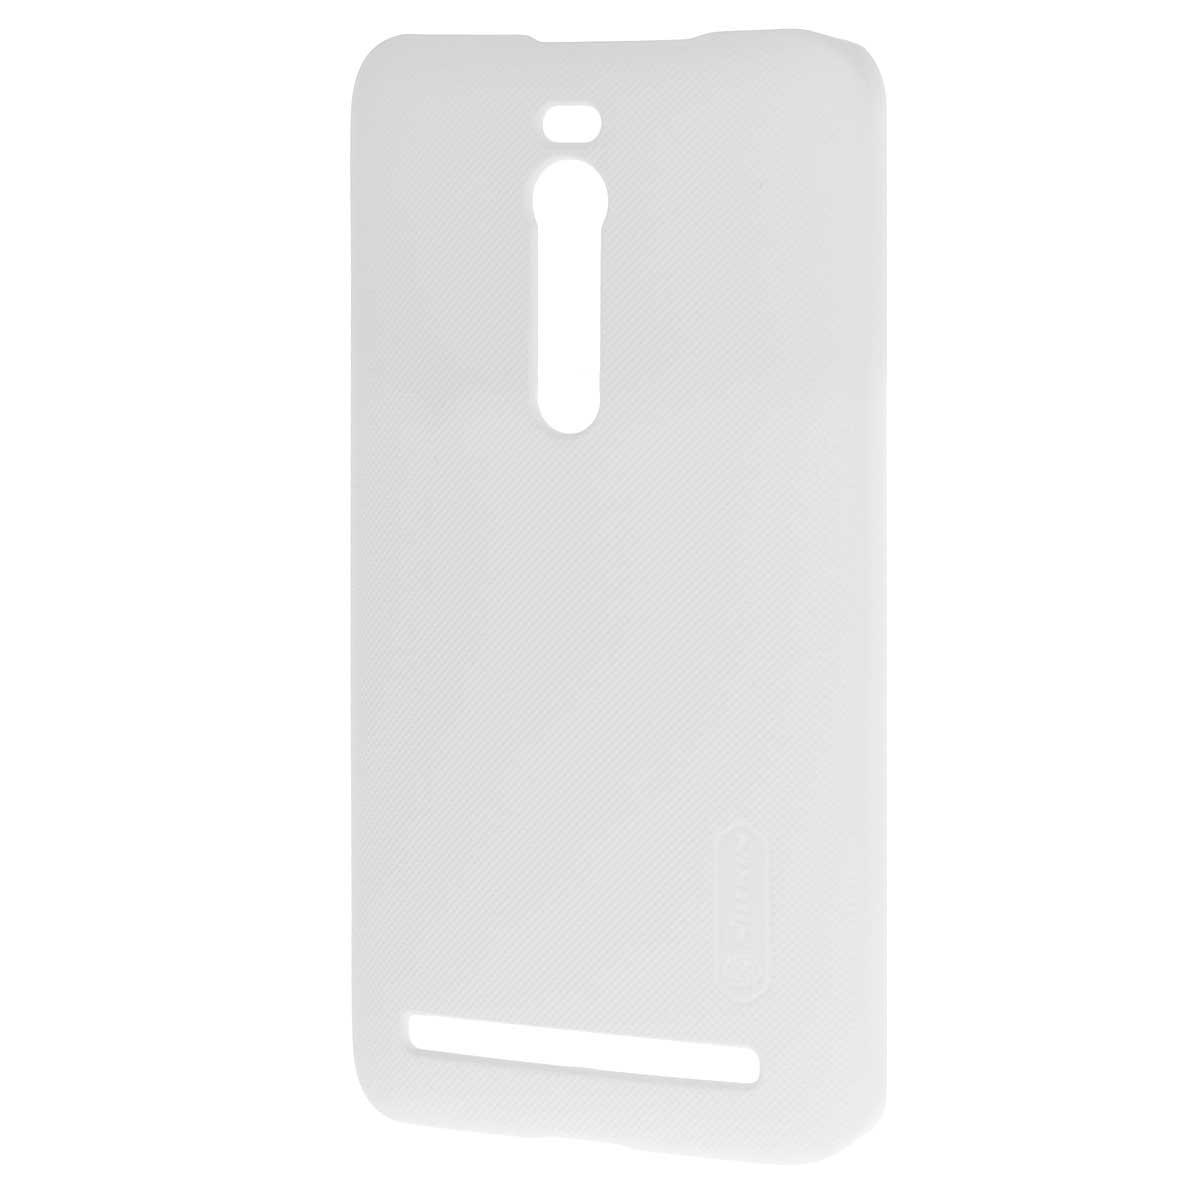 Nillkin Super Frosted Shield чехол для Asus ZenFone 2 (ZE551ML/ZE550ML), WhiteT-N-AZ2-002Накладка Nillkin Super Frosted Shield для Asus Zenfone 2 (ZE551ML/ZE550ML) устанавливается сверху на оригинальную заднюю крышку вашего телефона и защищает его от повреждений, пыли и грязи. Обеспечивает свободный доступ ко всем разъемам и клавишам устройства. В комплект входит защитная пленка.